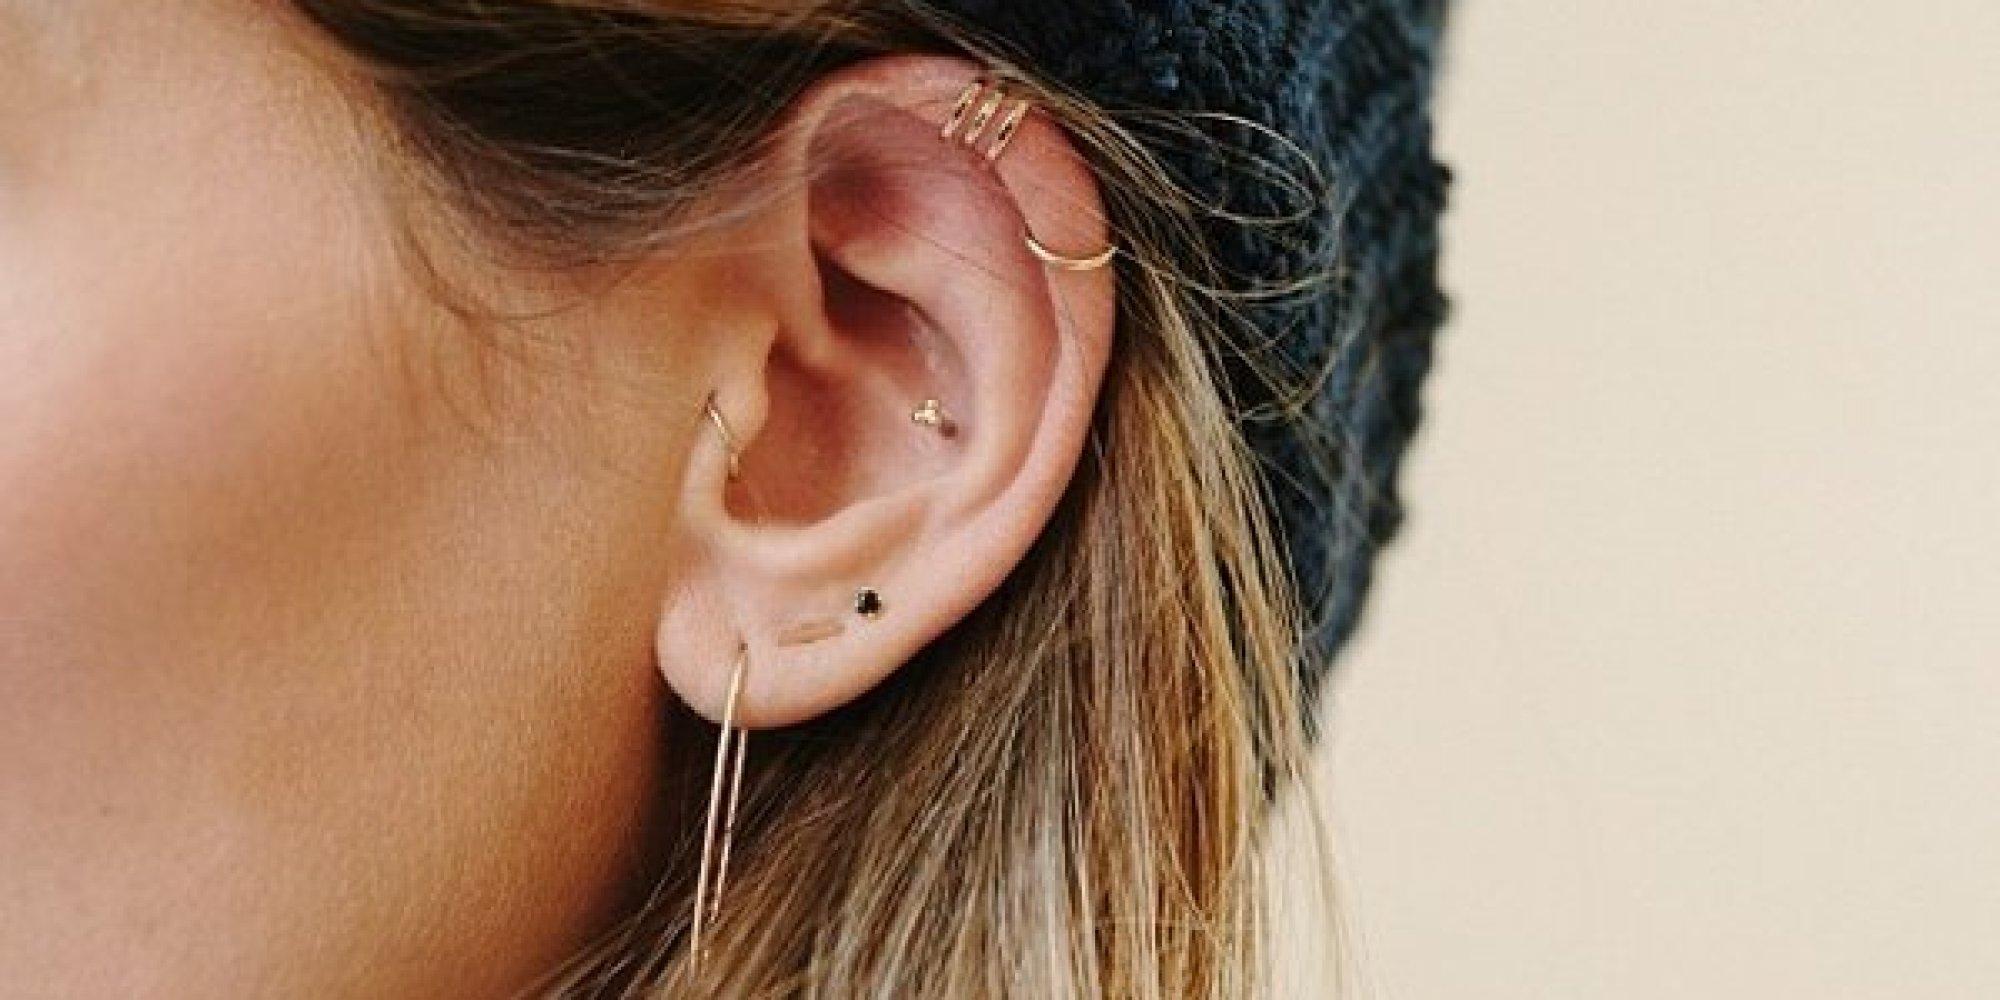 Сережки в ухо девушке фото